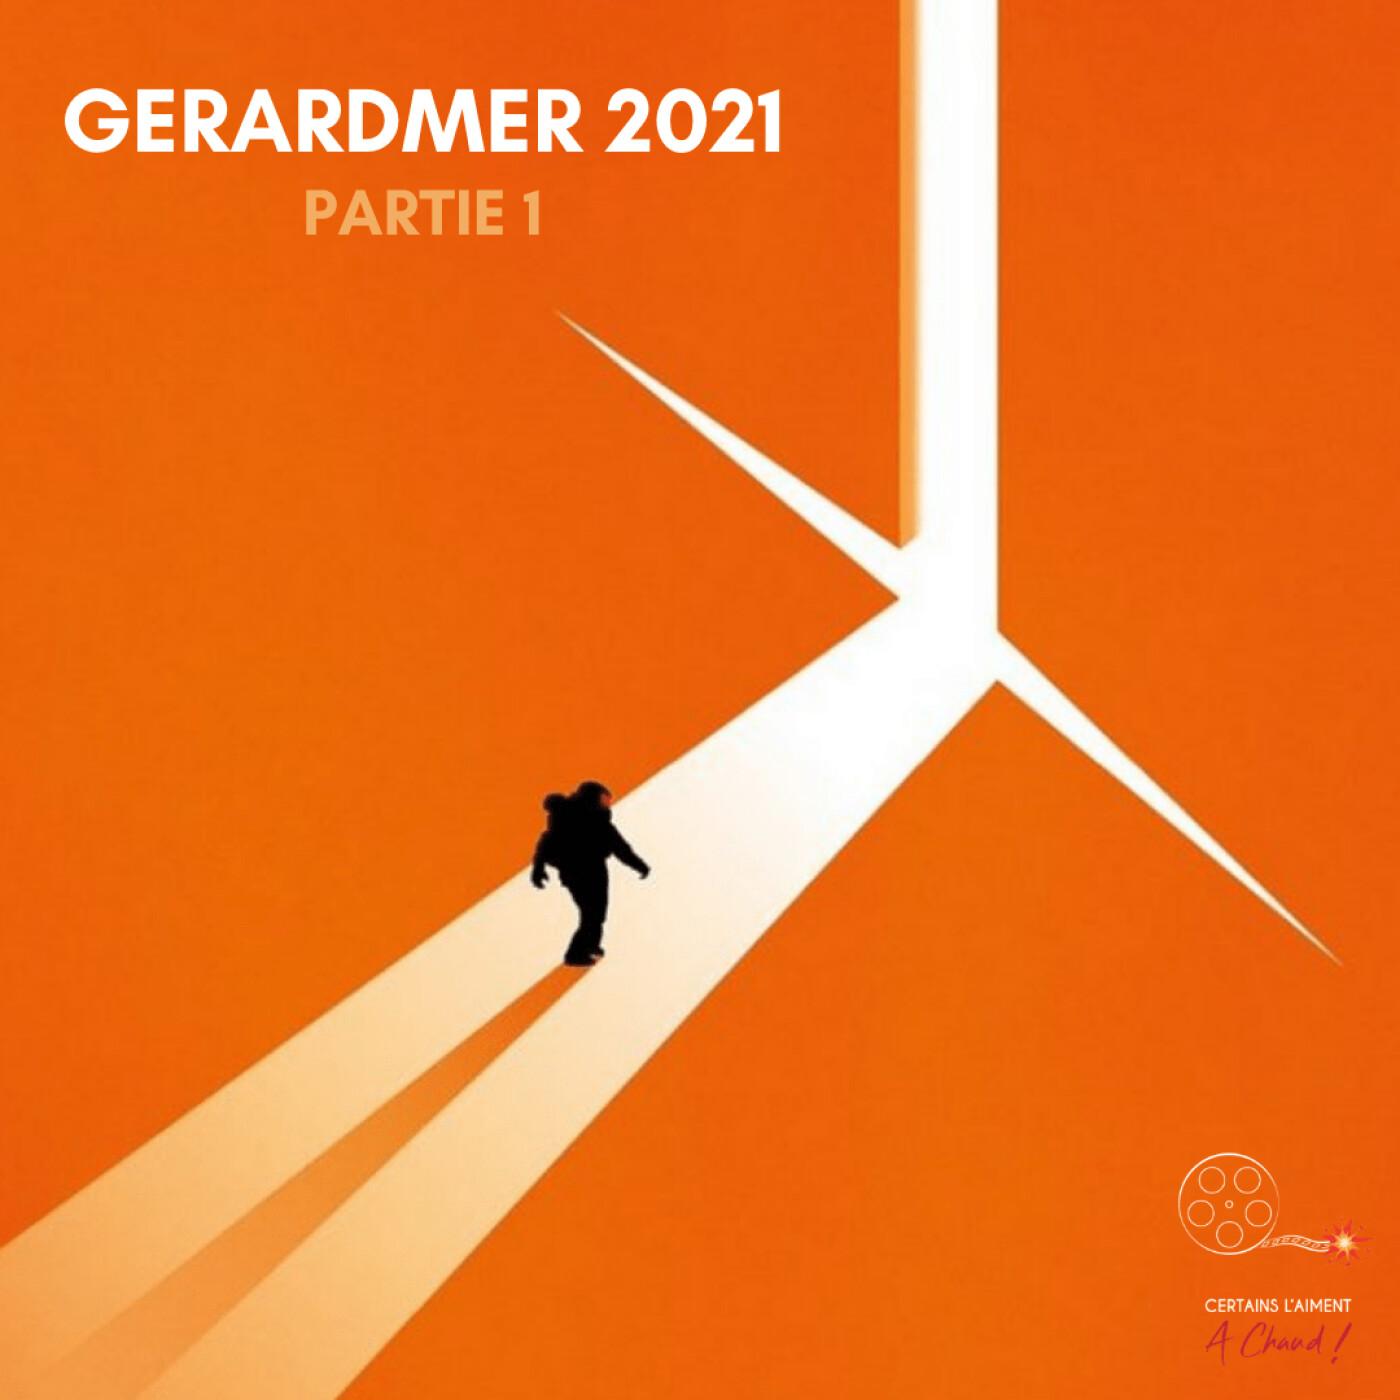 Spécial Festival de Gerardmer 2021 (Partie 1)